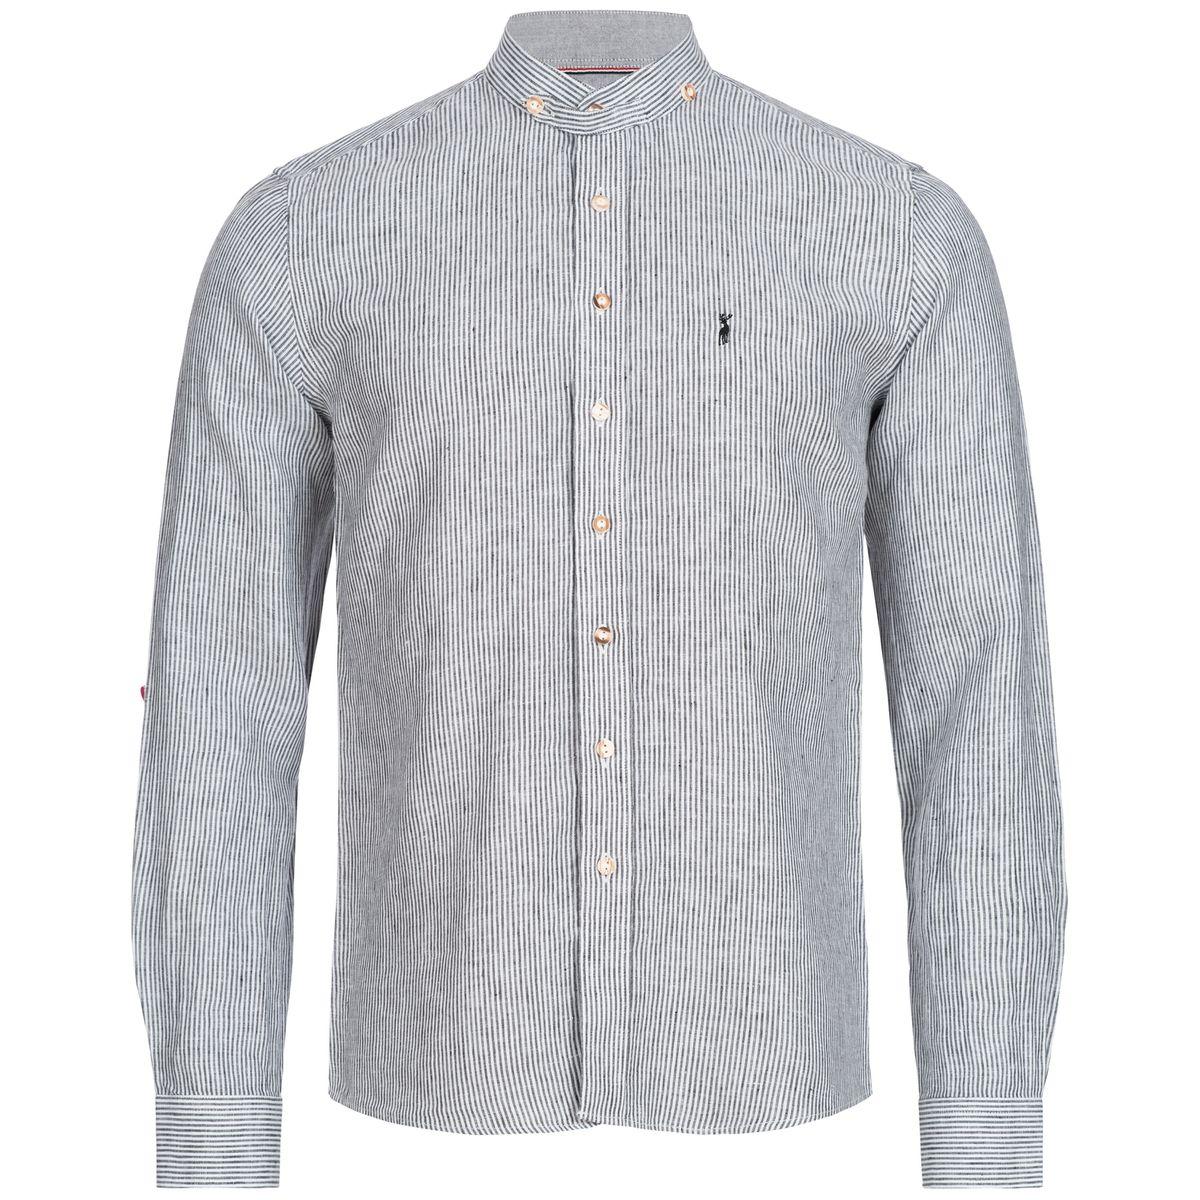 Trachtenhemd David Slim Fit in Schwarz von Almsach günstig online kaufen